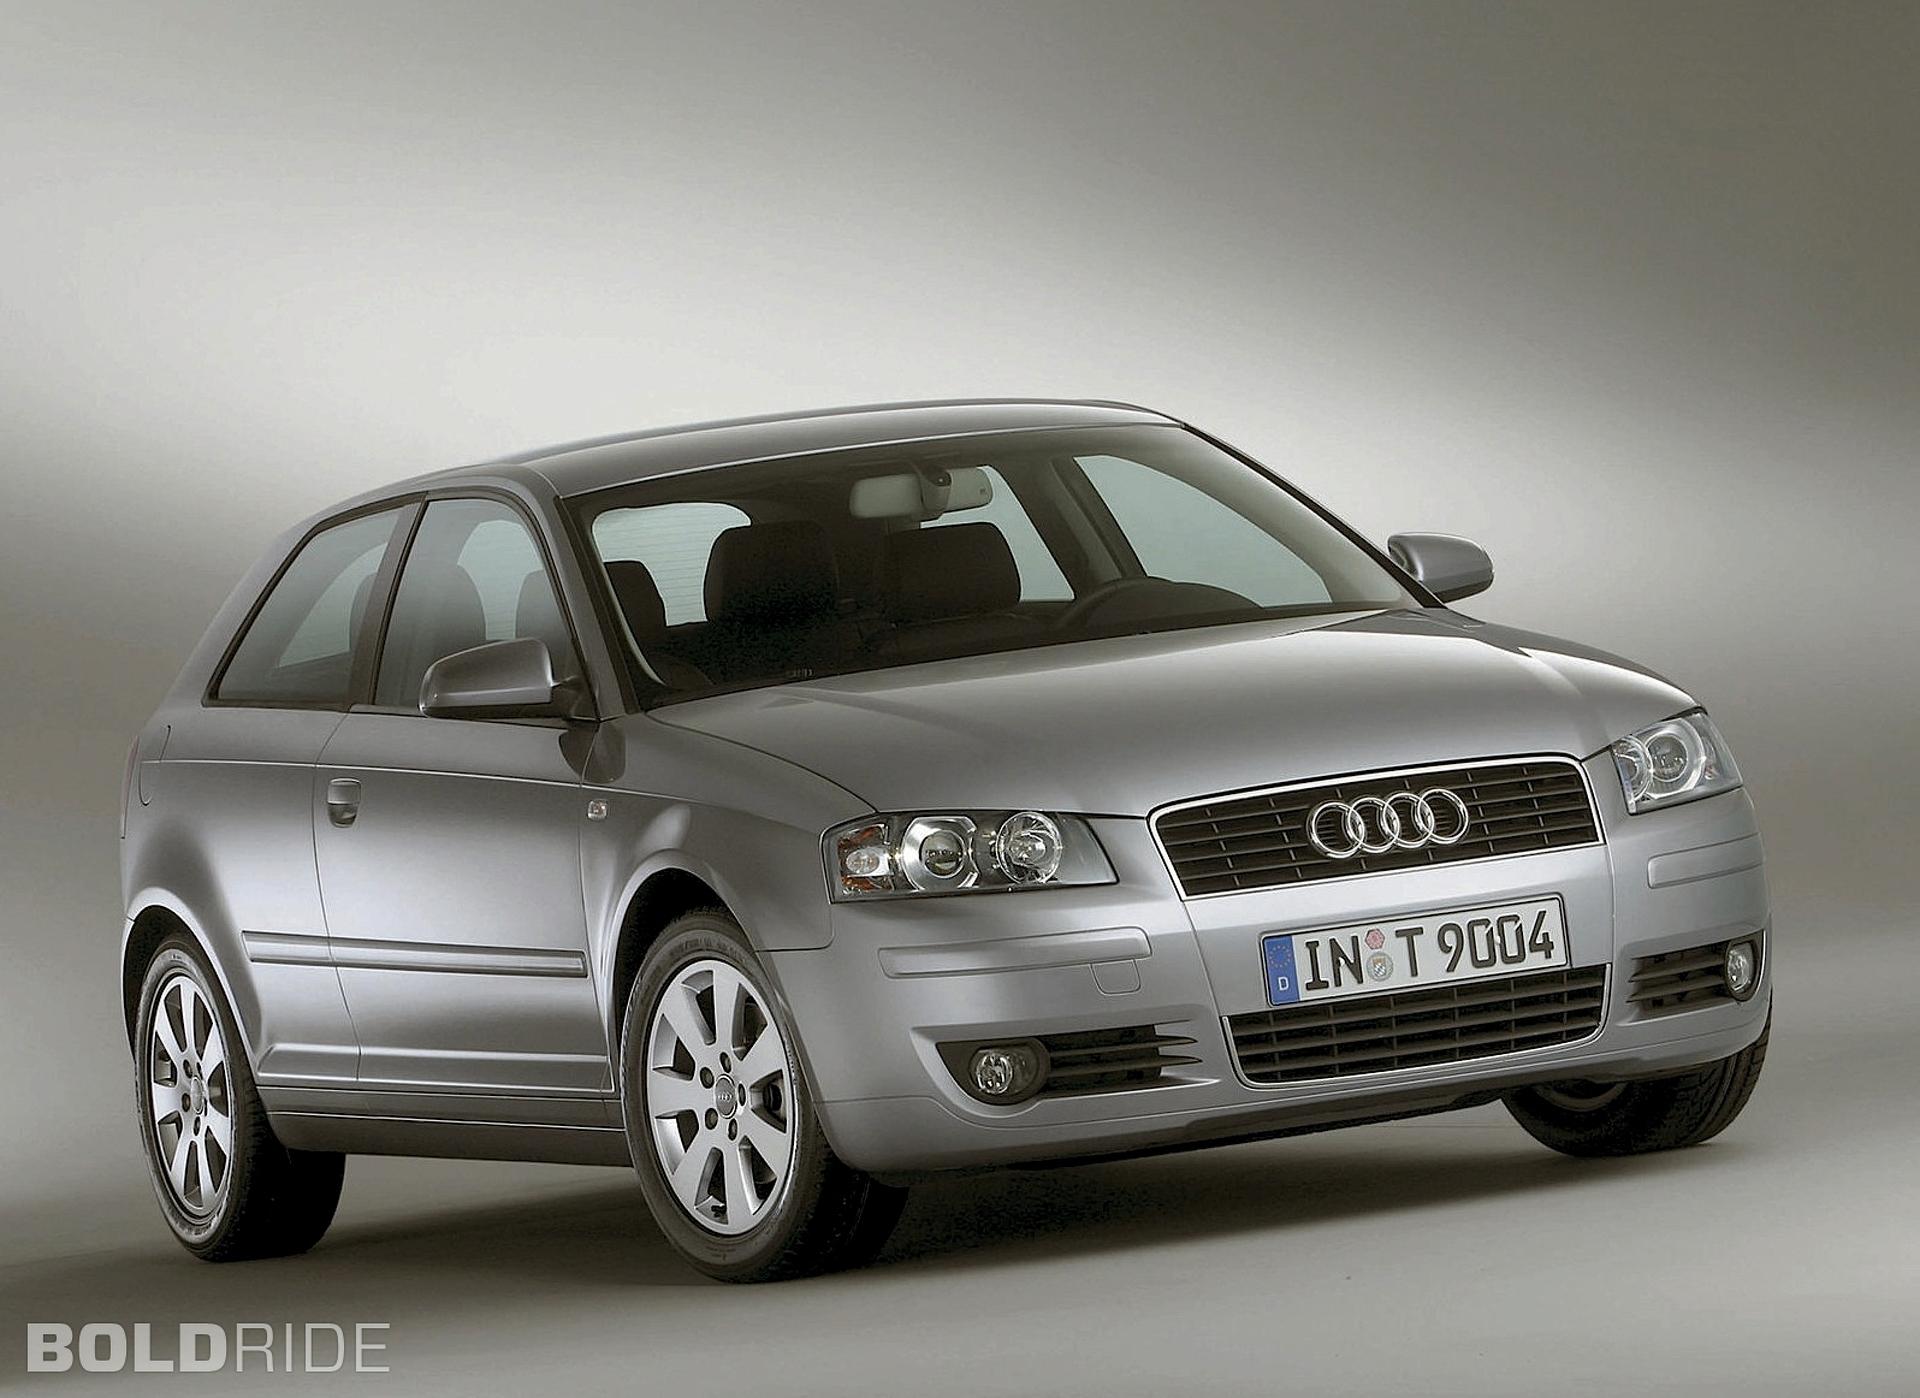 Audi a3 hatchback 2000 model 14